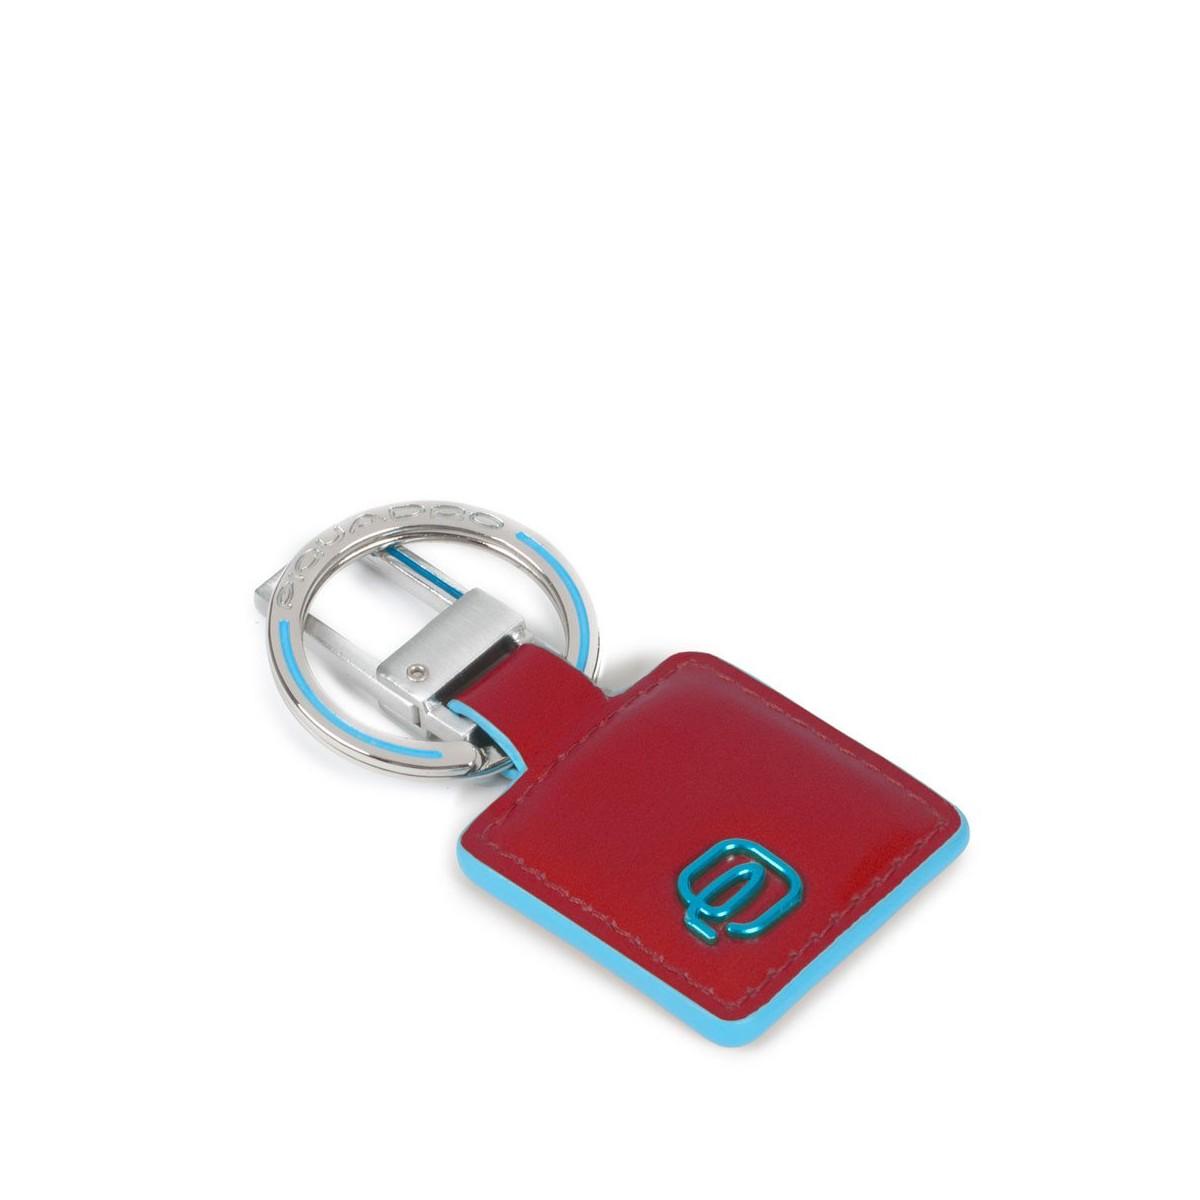 PIQUADRO Blue Square portachiavi quadrato, pelle rosso